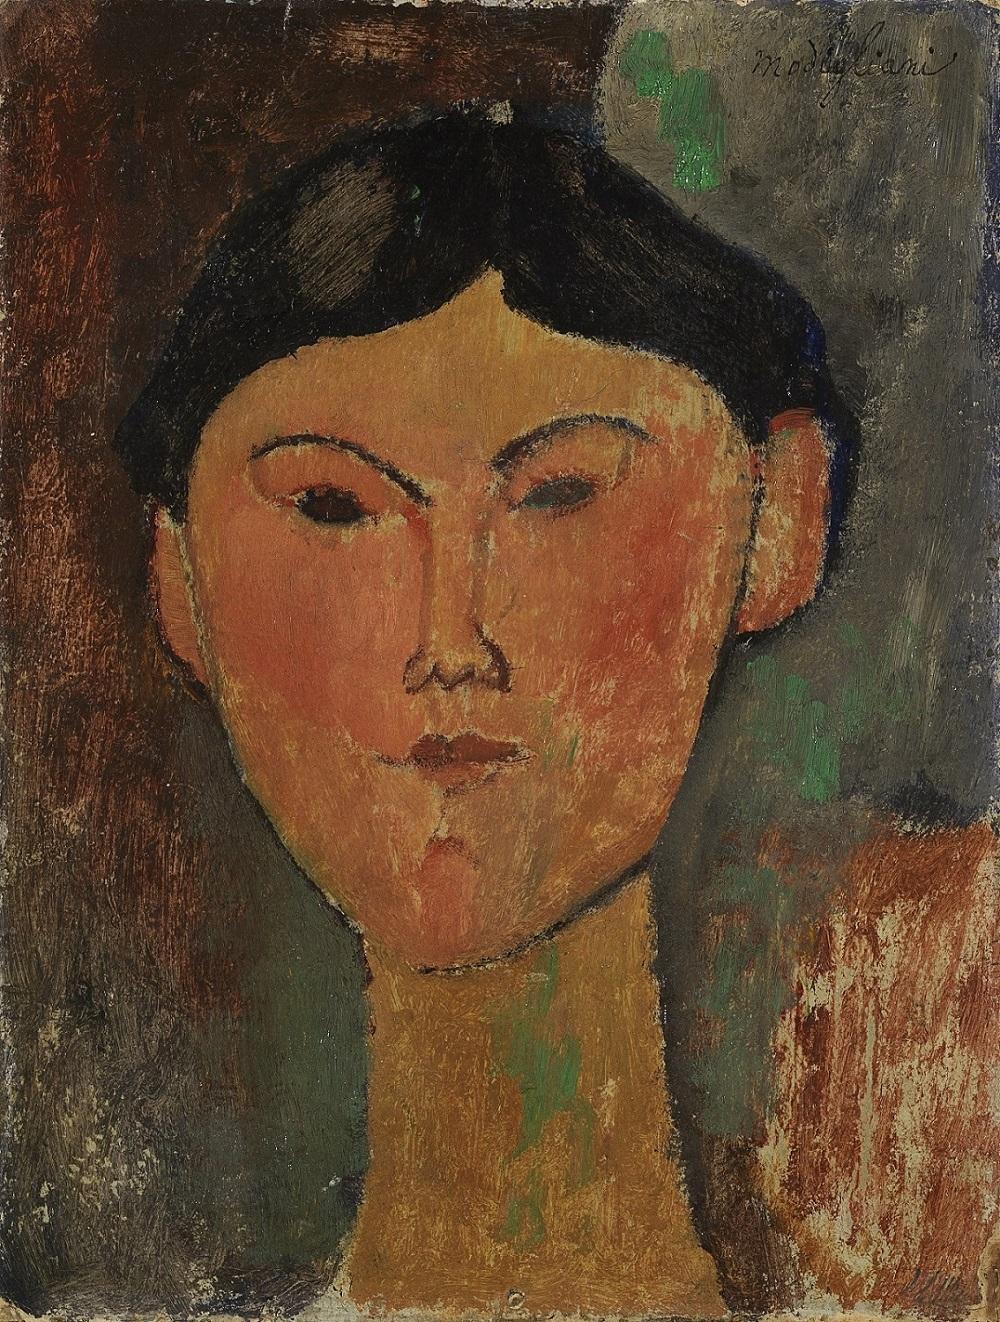 Amedeo Modigliani, Beatrice Hastings, 1915, olio su cartone riportato su tavola, cm 35x26,5Amedeo Modigliani, Beatrice Hastings, 1915, olio su cartone riportato su tavola, cm 35x26,5. Museo del Novecento, Collezione Jucker, Milano